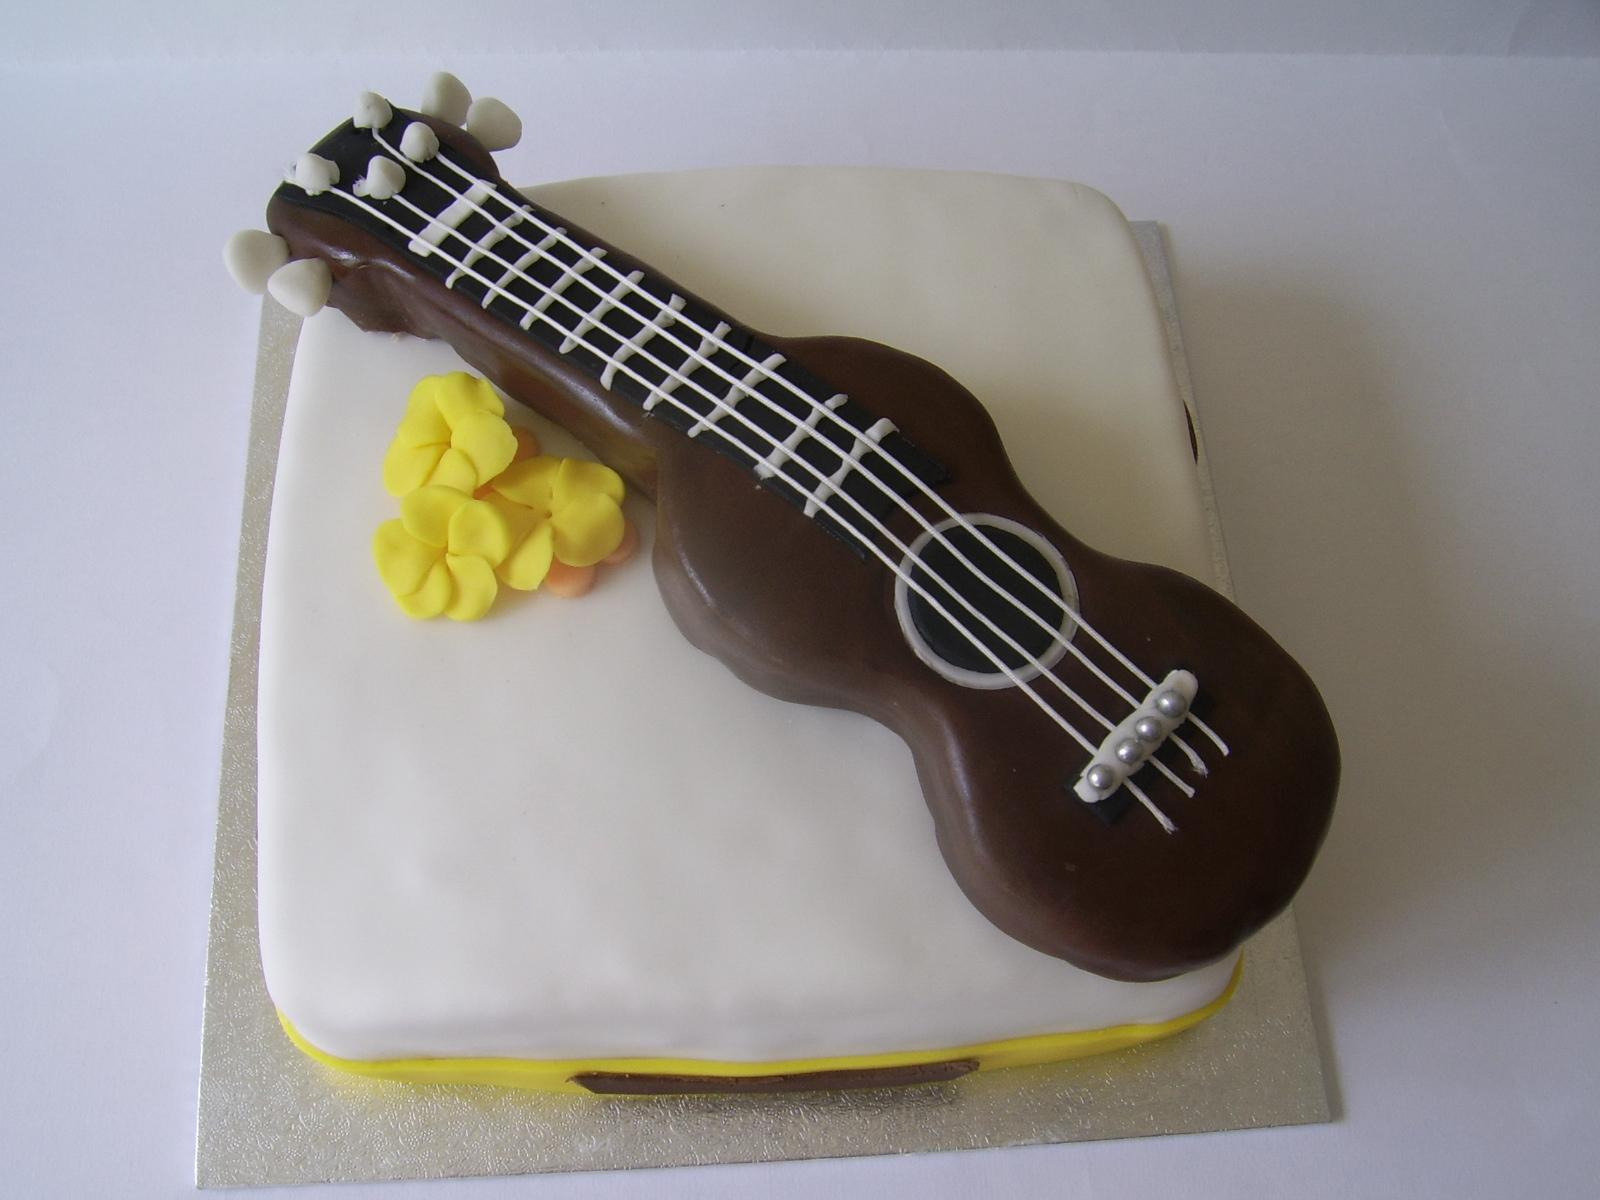 Irenafoods Ukulele Cake Tort Ukulele Torta Ukulele